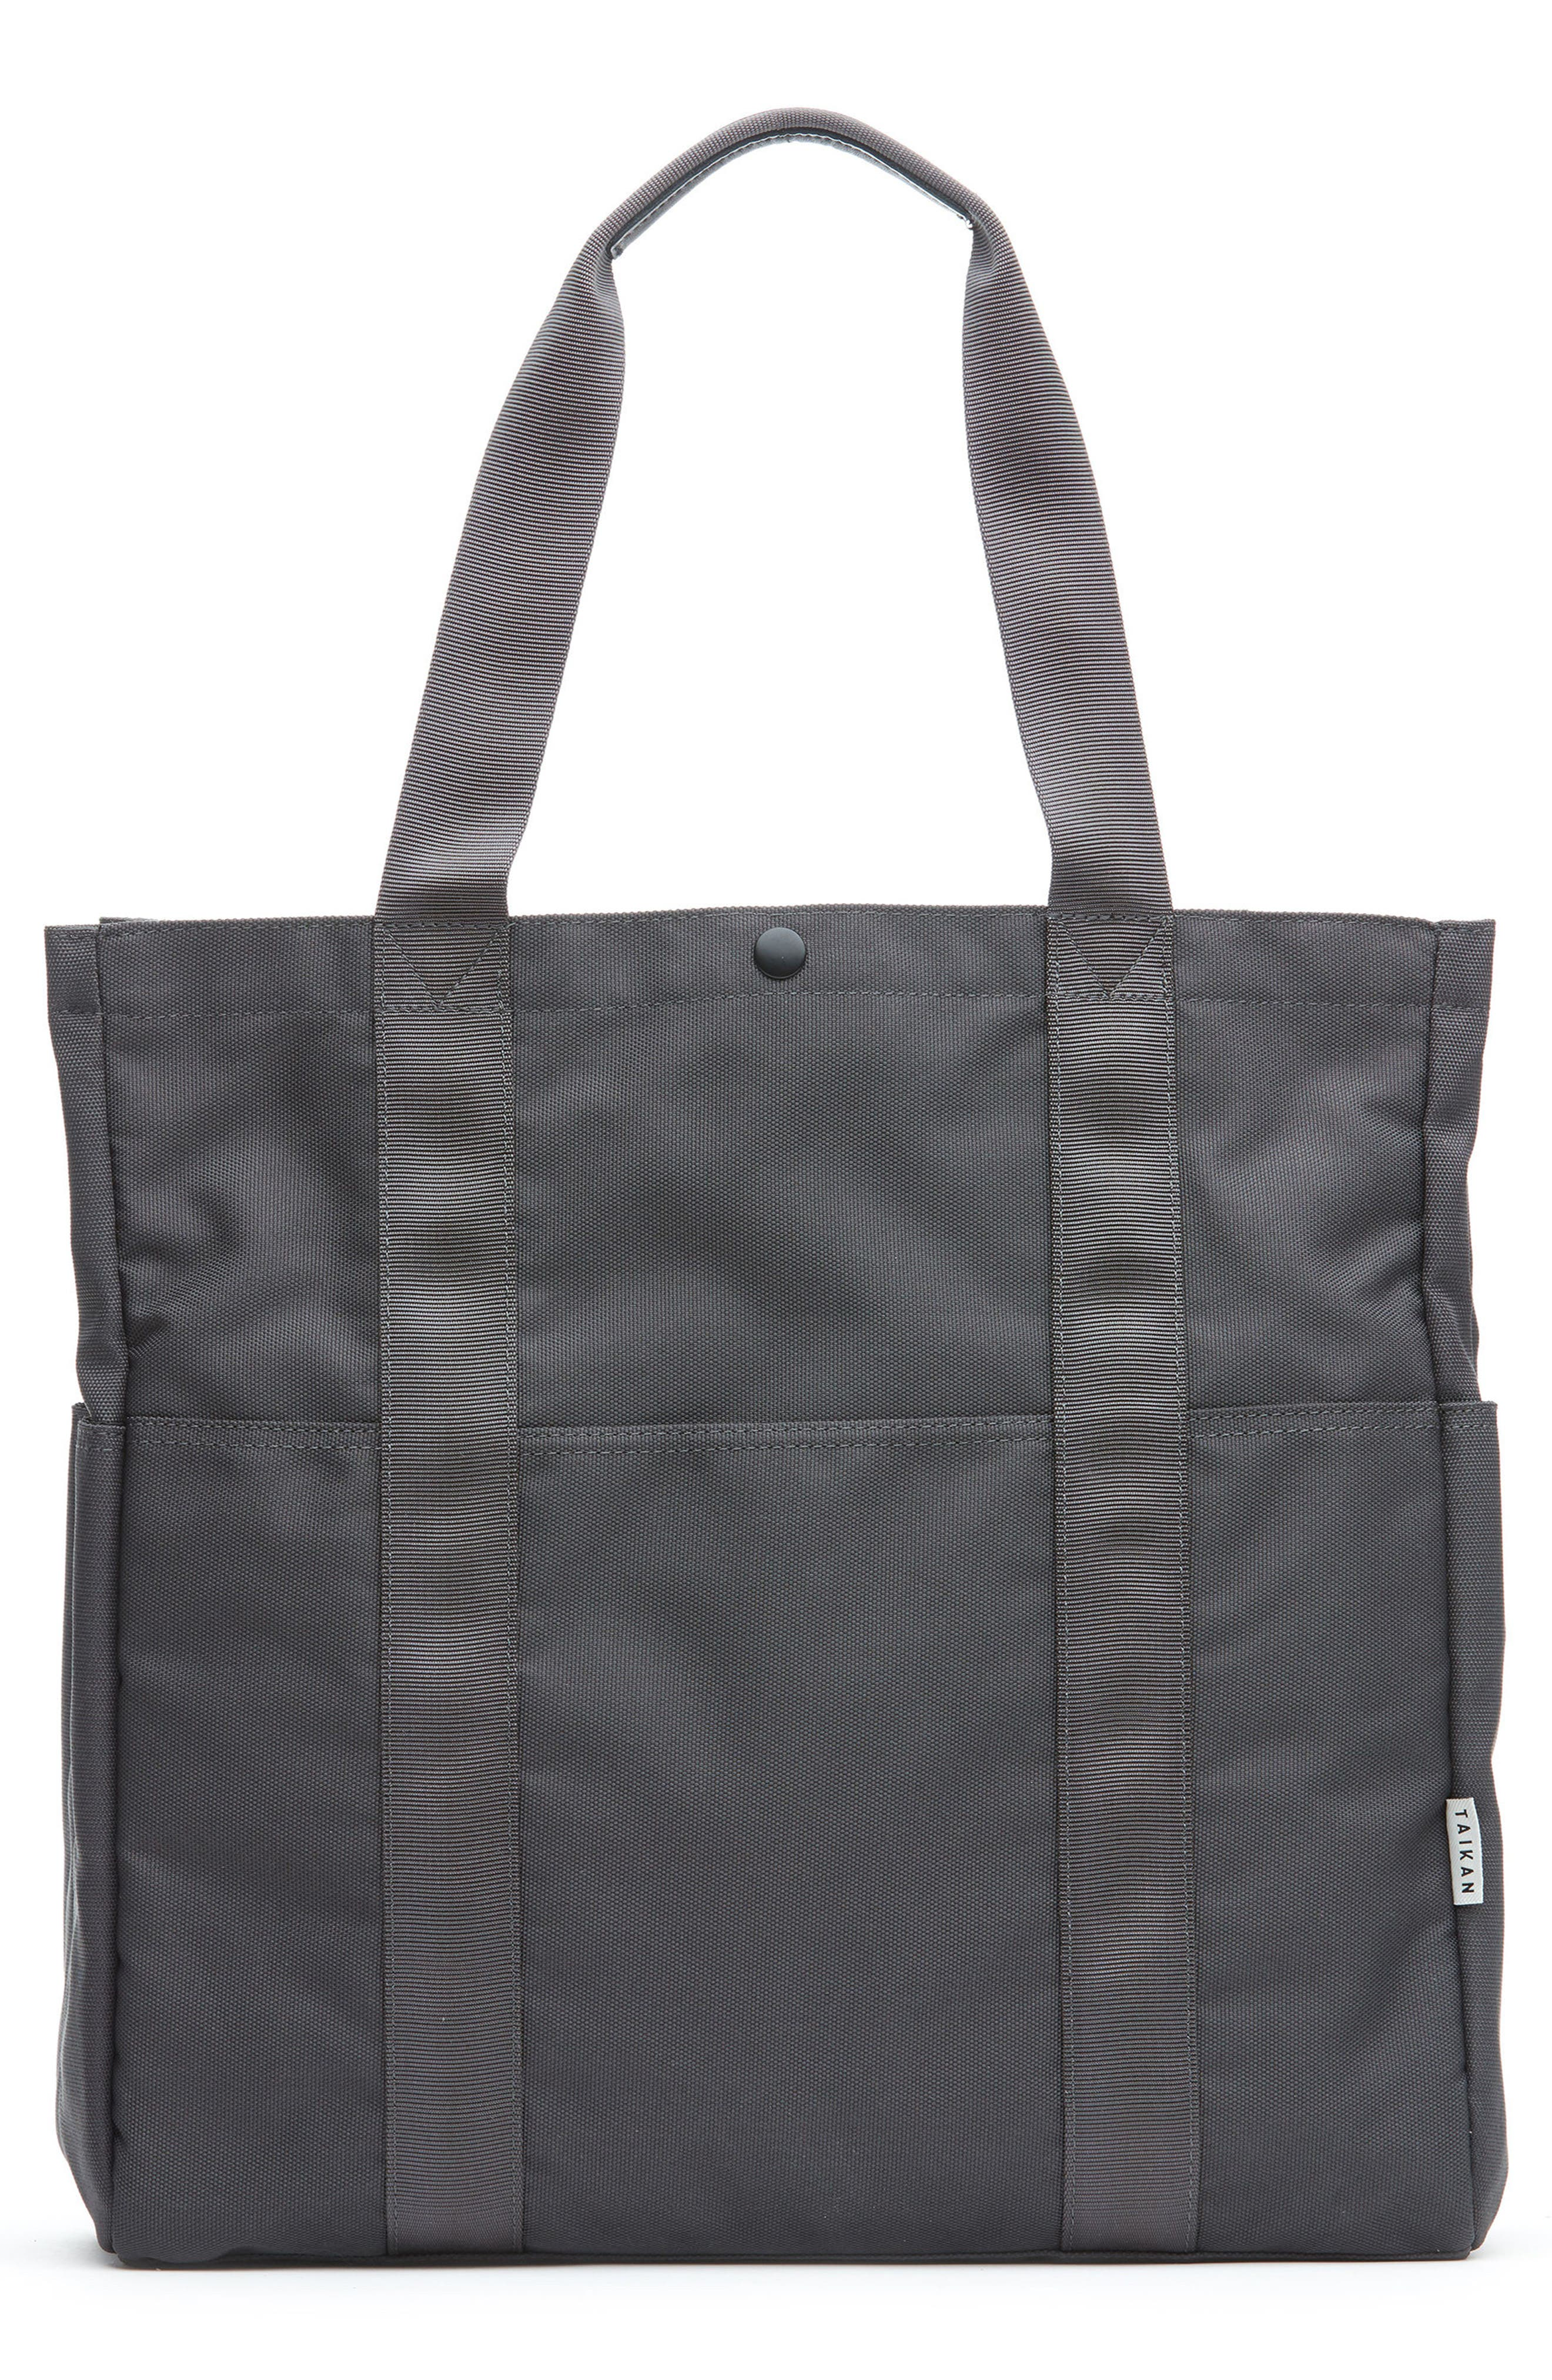 Alternate Image 1 Selected - Taikan Tote Bag